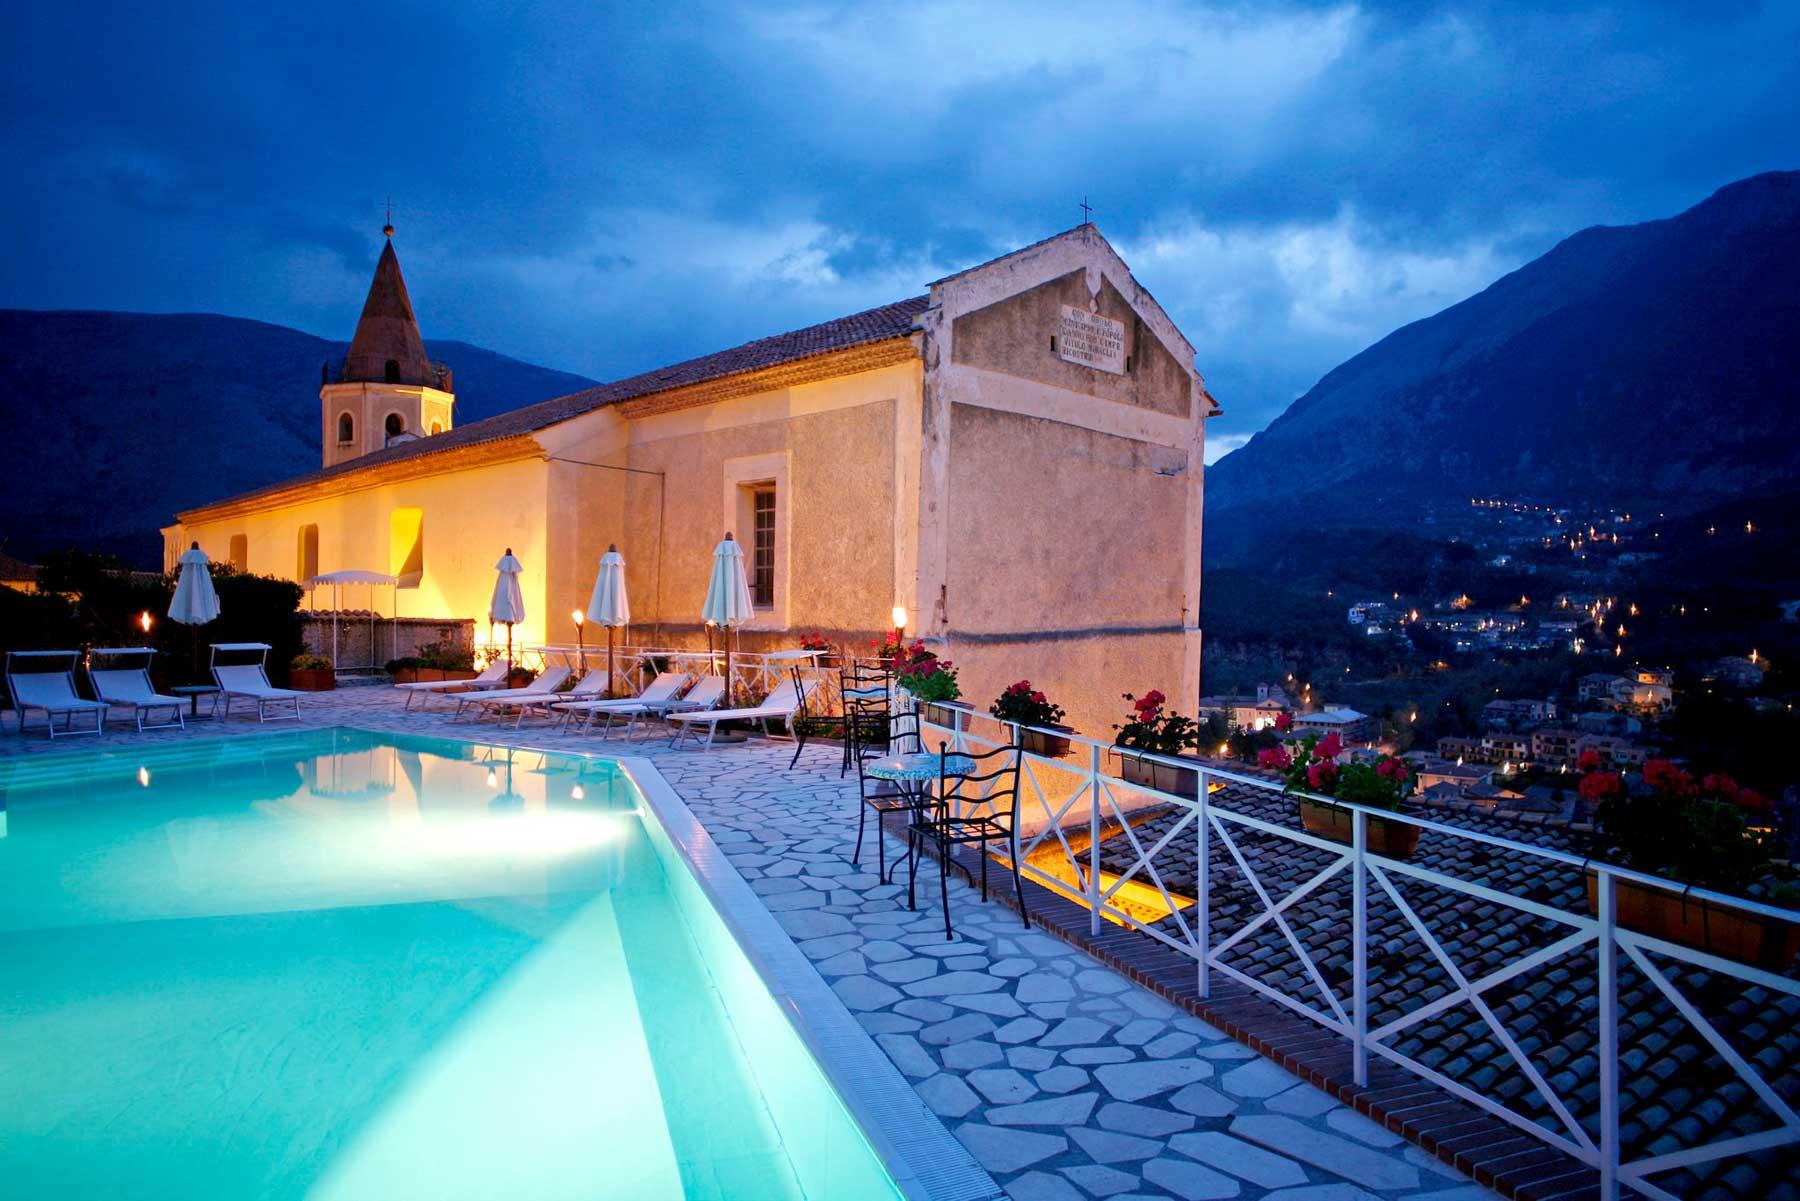 Locanda Delle Donne Monache, hotel de charme à Maratea (Basilicate, Italie)